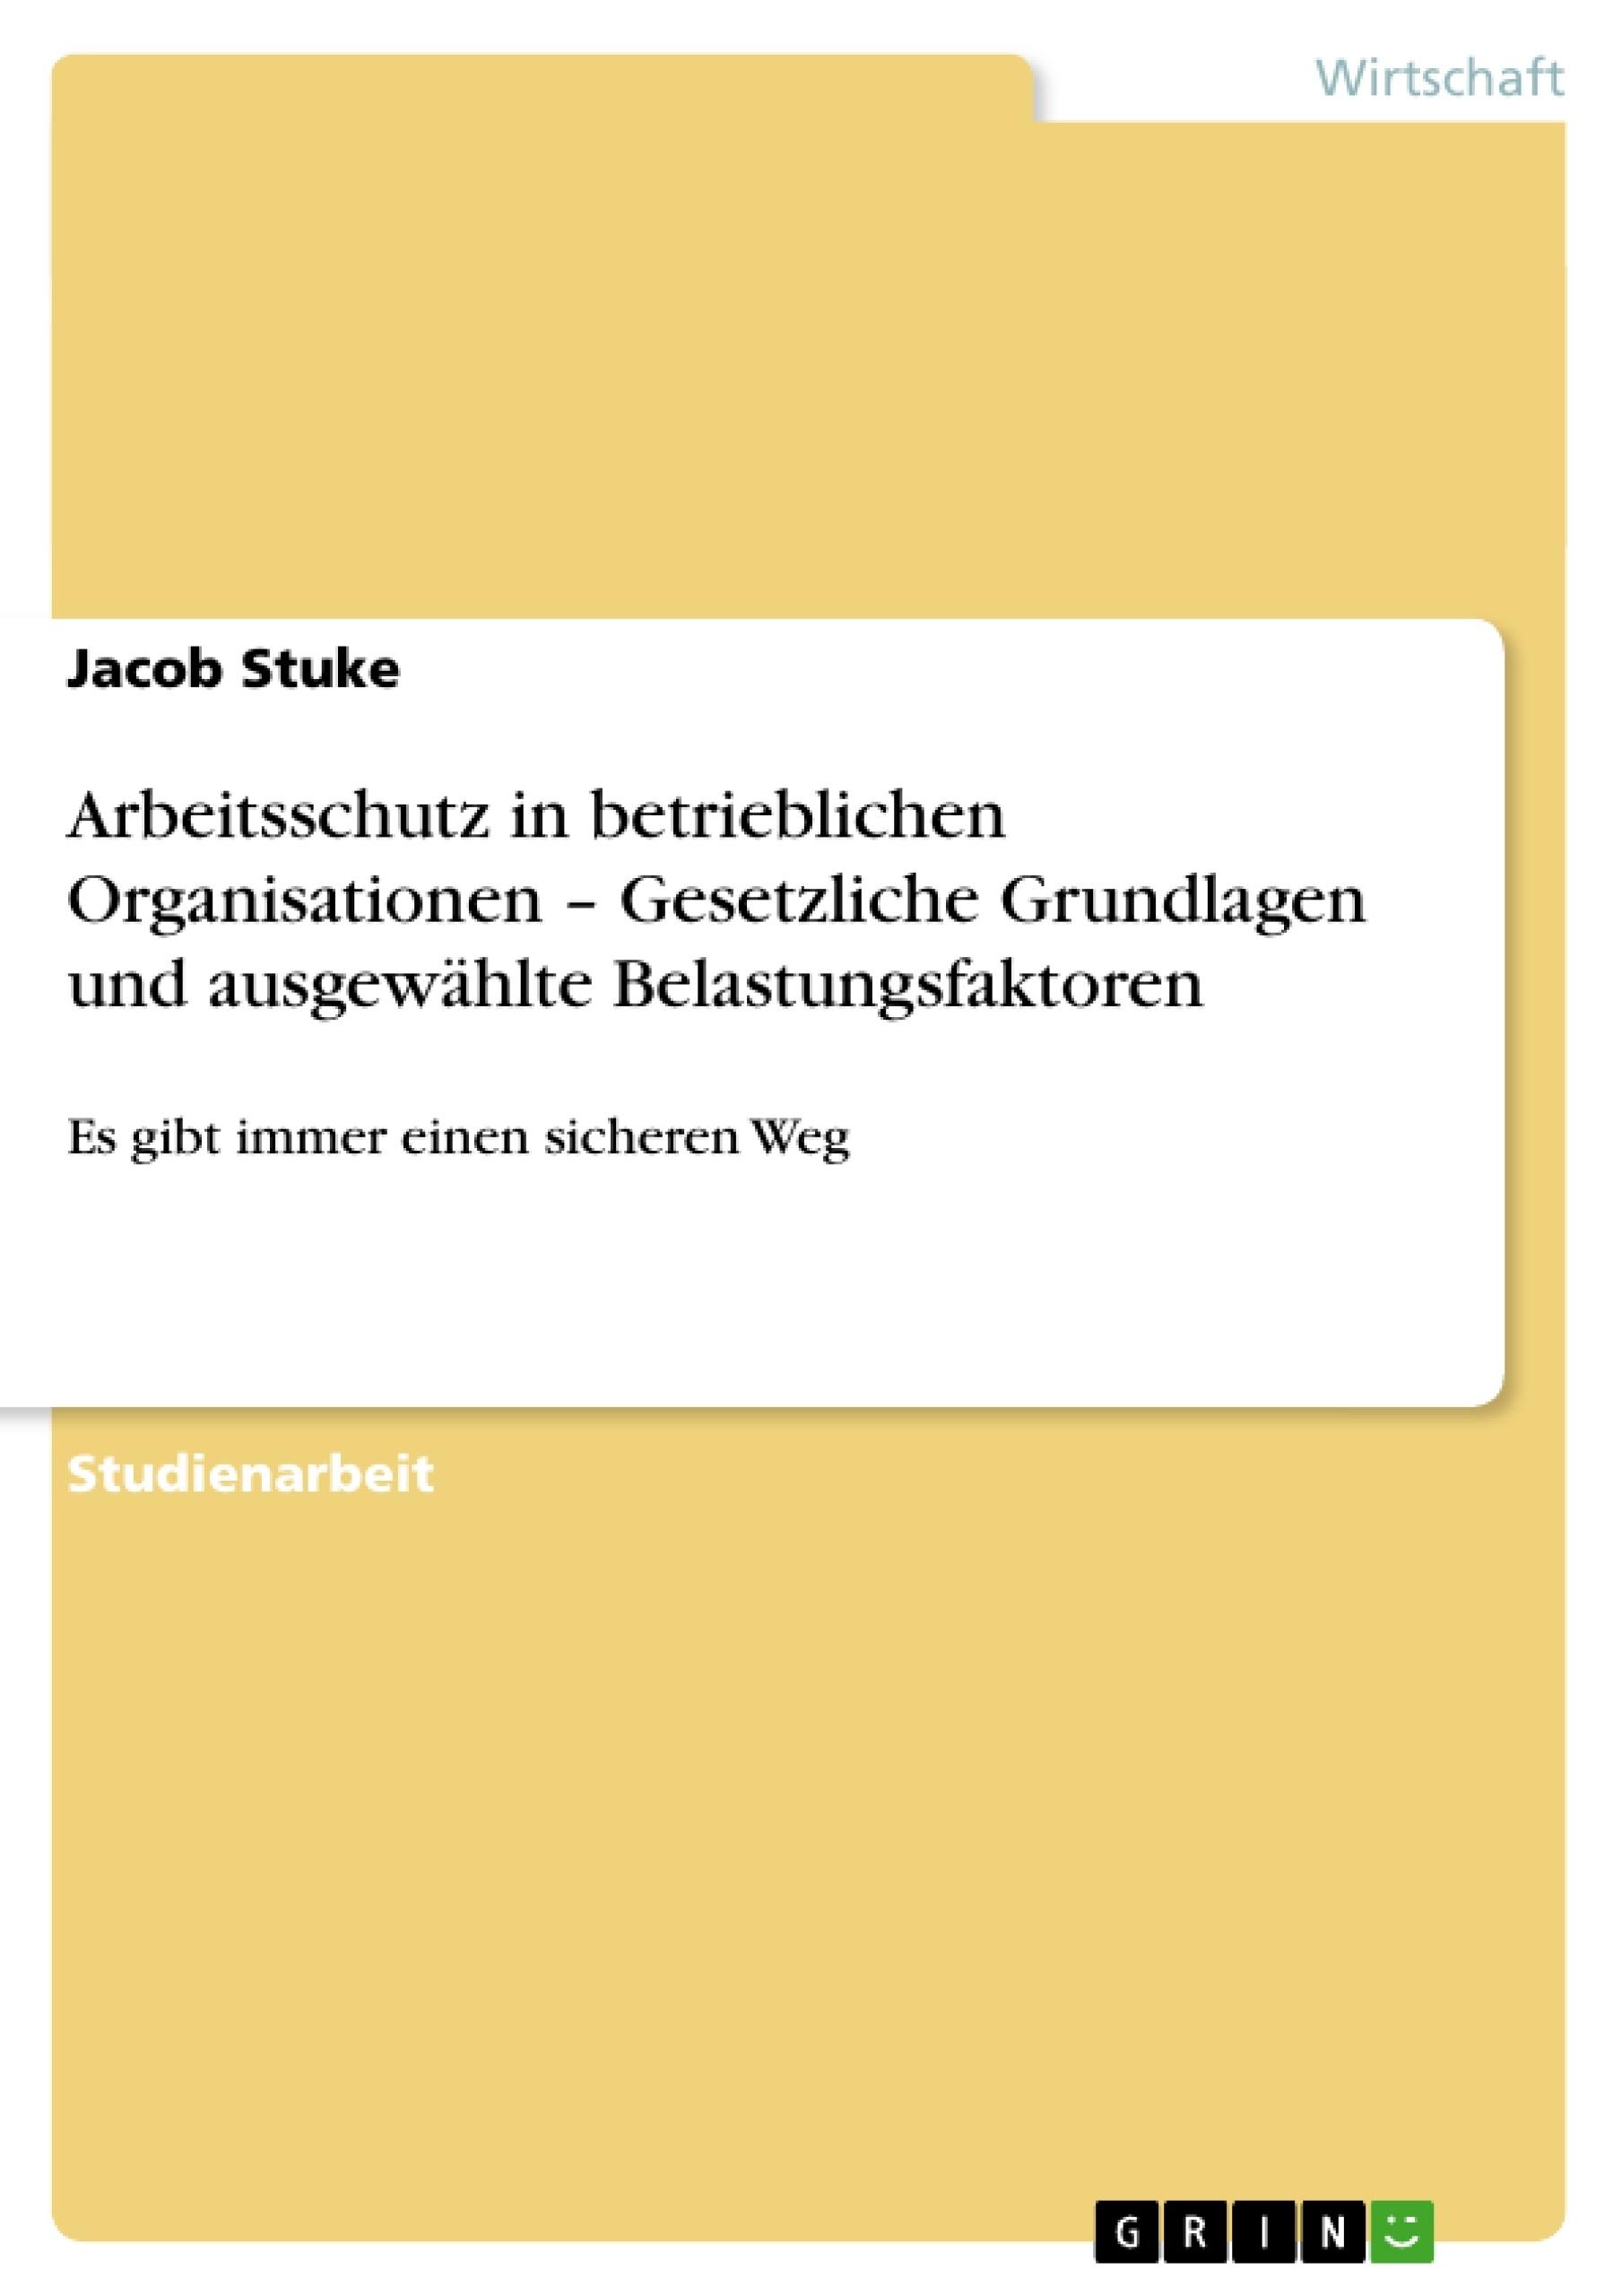 Titel: Arbeitsschutz in betrieblichen Organisationen – Gesetzliche Grundlagen und ausgewählte Belastungsfaktoren